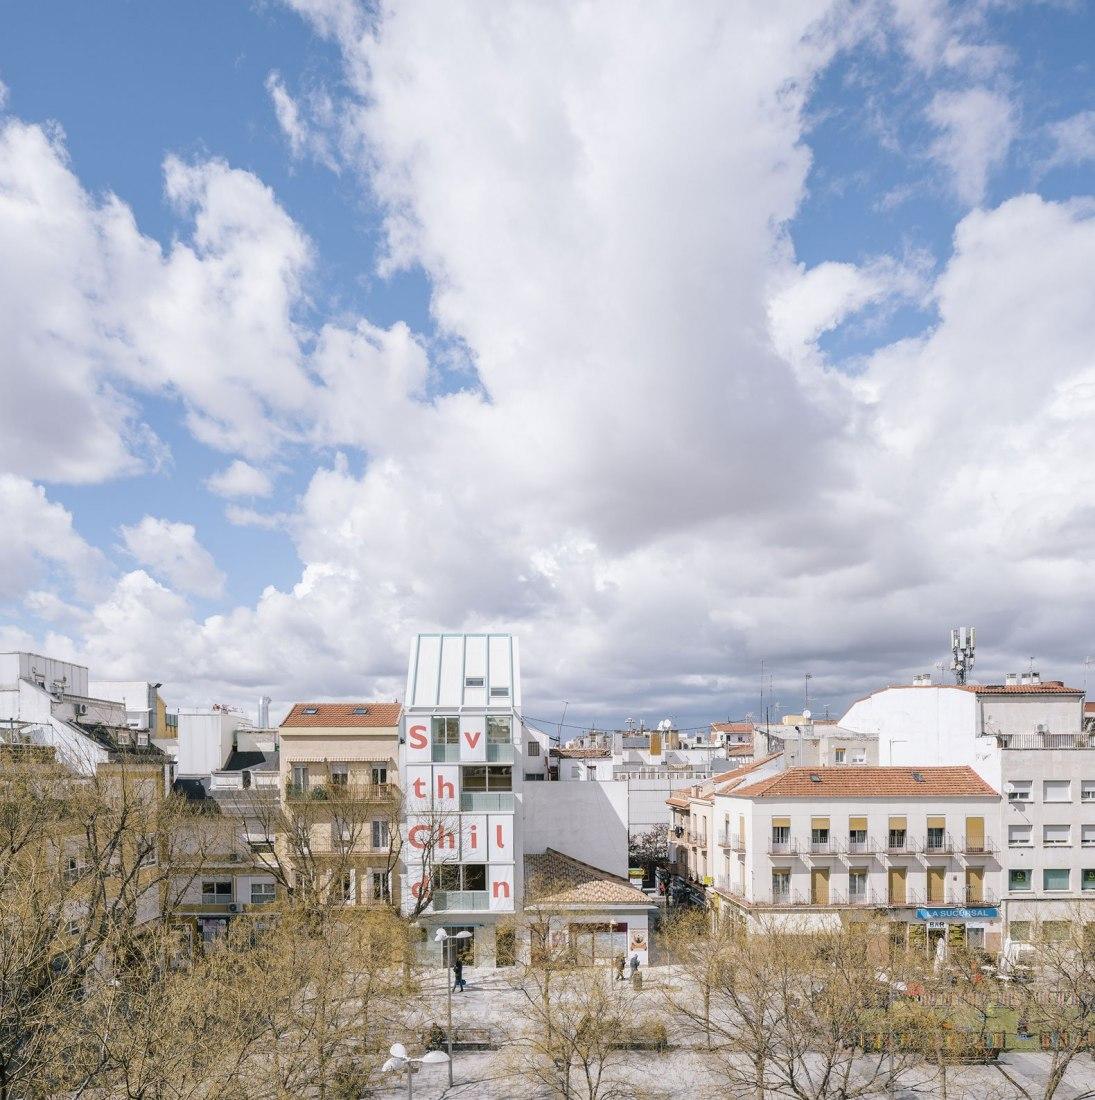 Vista general. 093-Save the Chlidren por elii. Fotografía por Imagen Subliminal (Miguel de Guzmán y Rocio Romero)